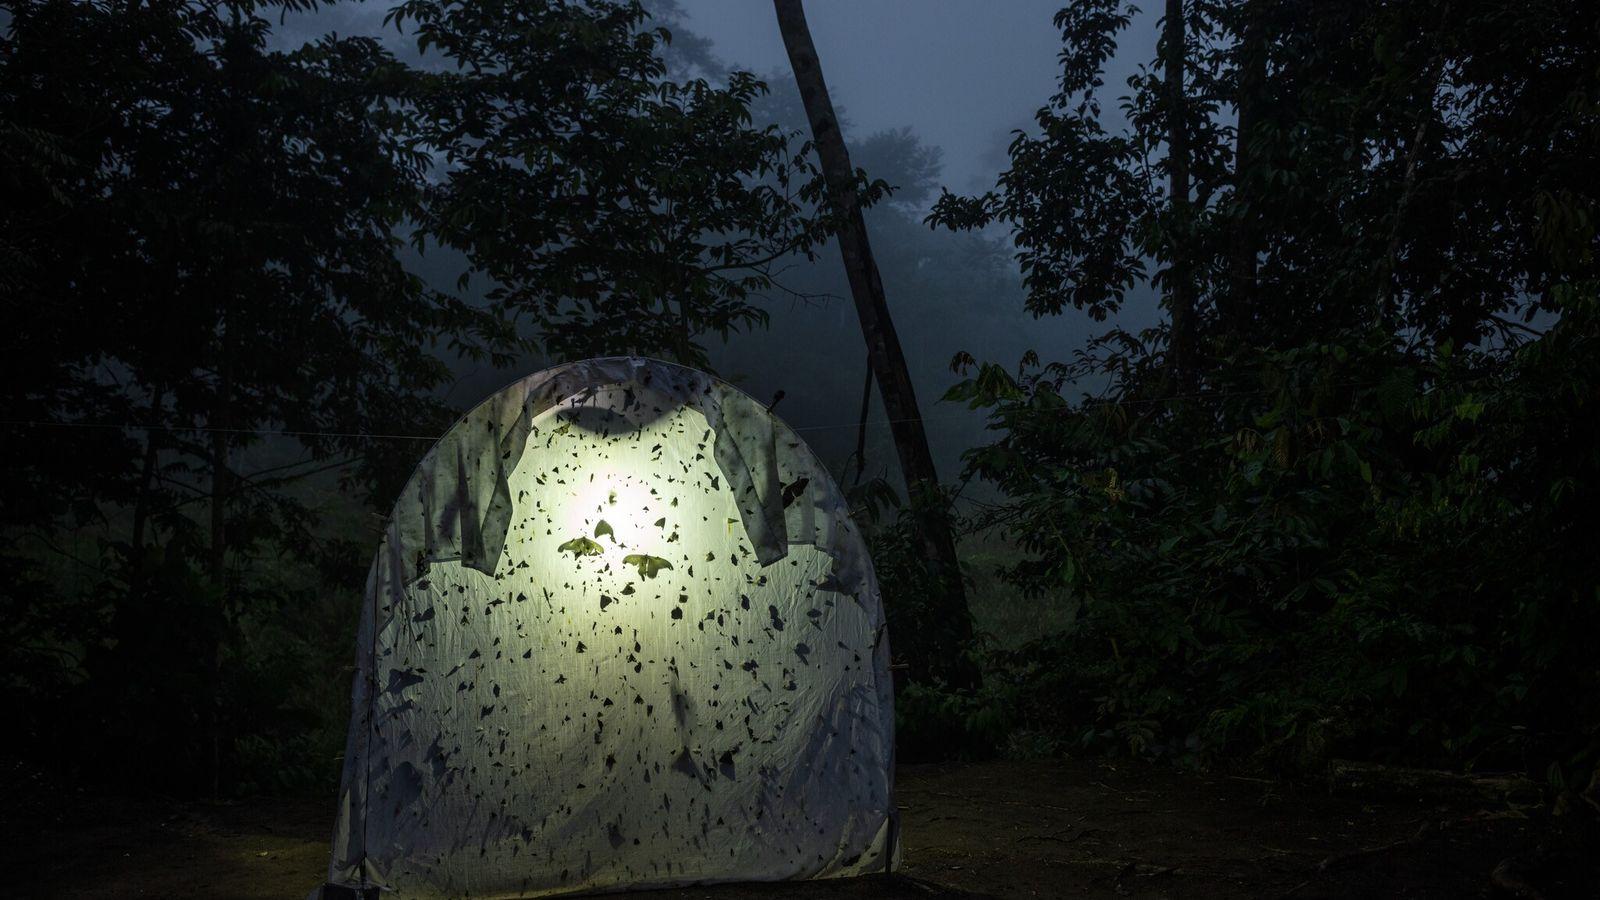 Une lampe placée sous un drap sert de piège pour collecter des insectes nocturnes dans une ...